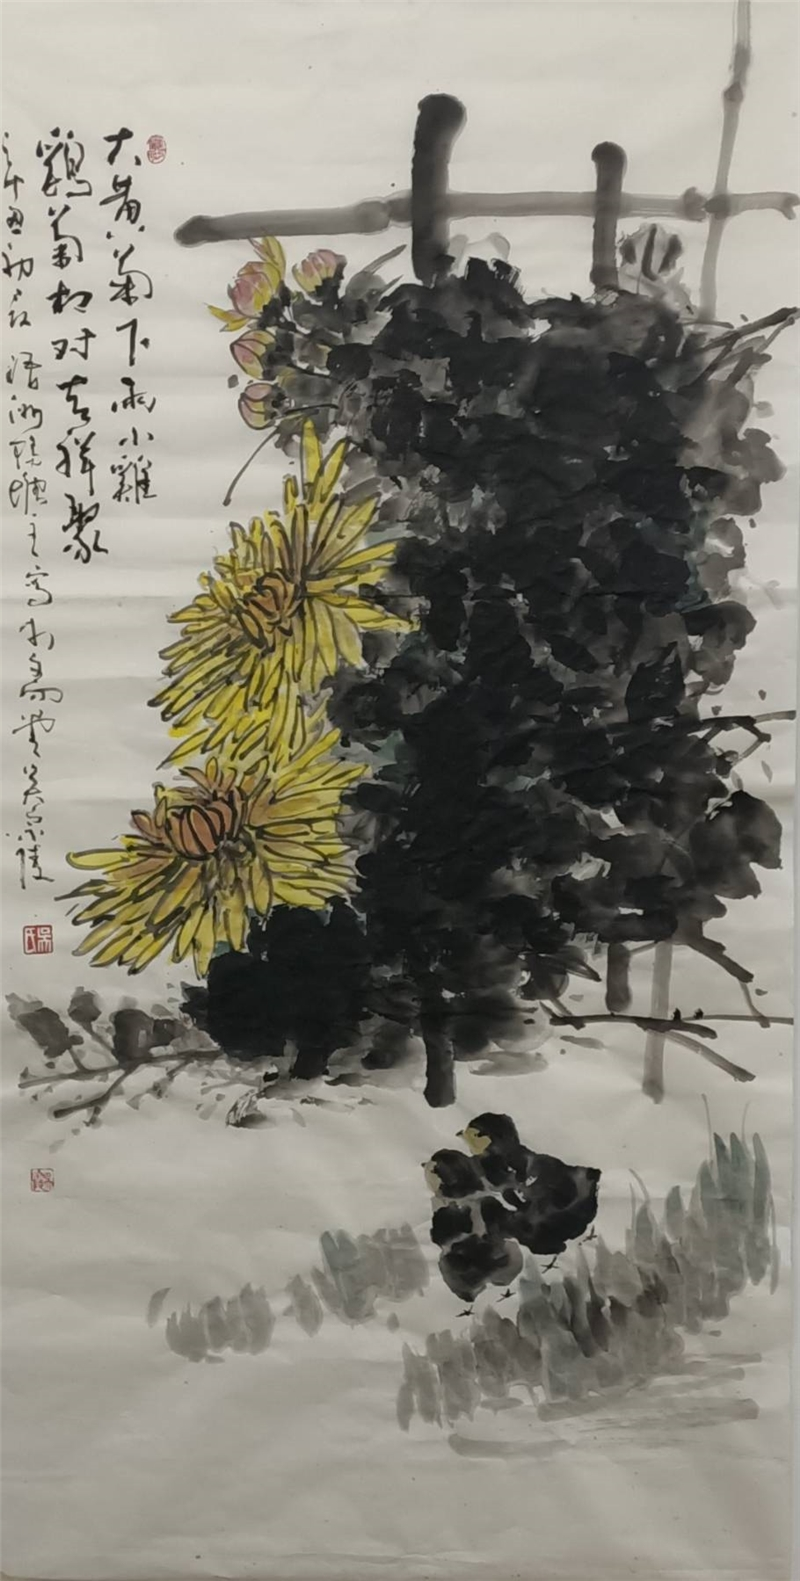 吳宗陵作品68*139  2021紙本設色 大黃菊下兩小雞,雞菊相對吉祥聚。